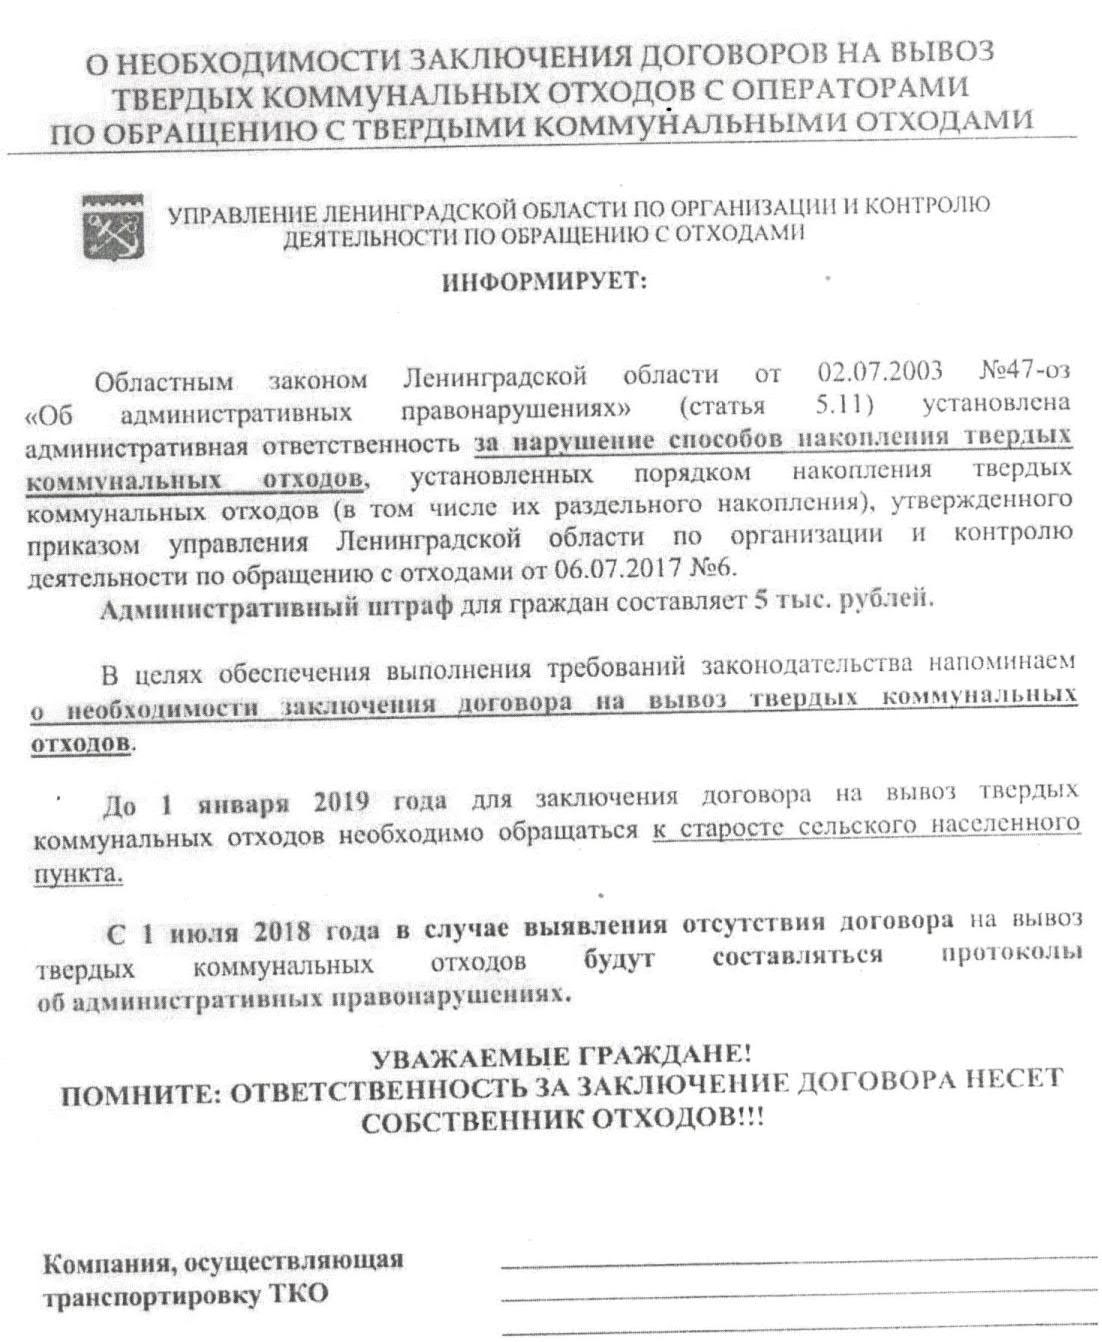 по ТКО_1